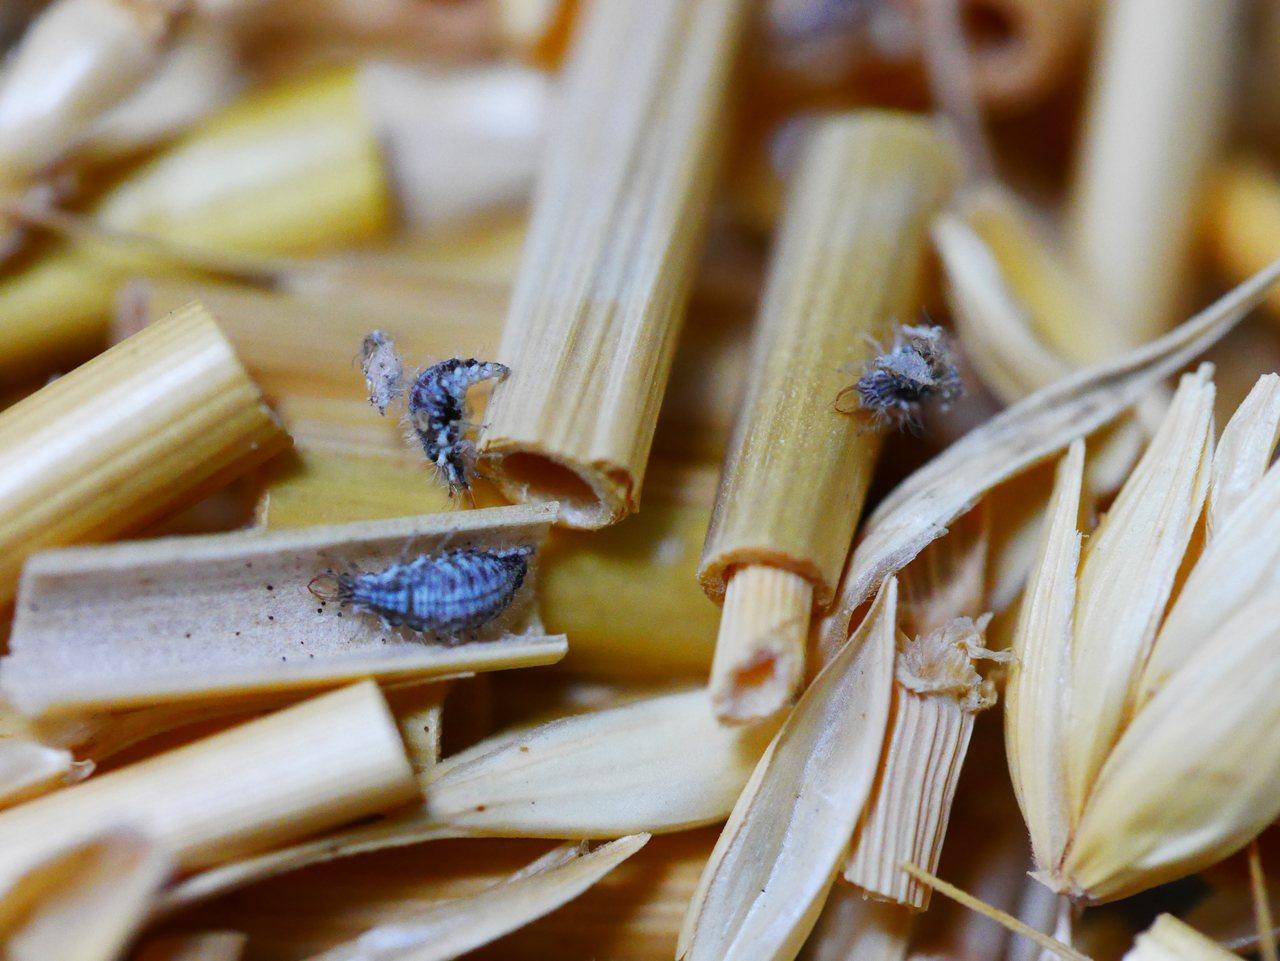 基徵草蛉於麥桿殼混合物內,可提升10%草蛉存活率,減少商品損失、降低生產管銷成本...